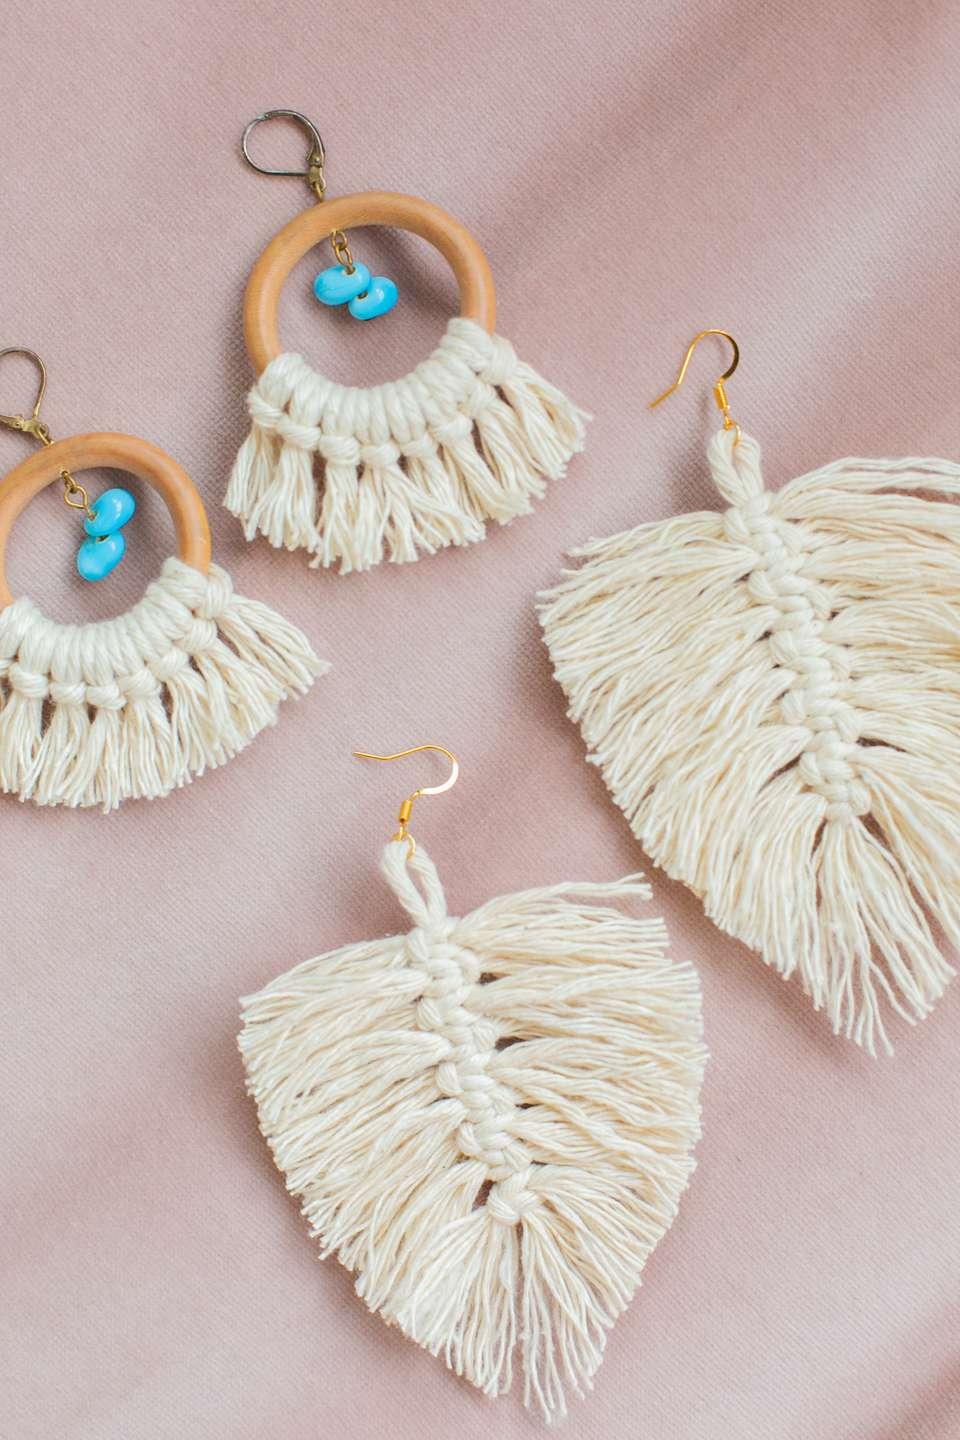 DIY macrame earrings